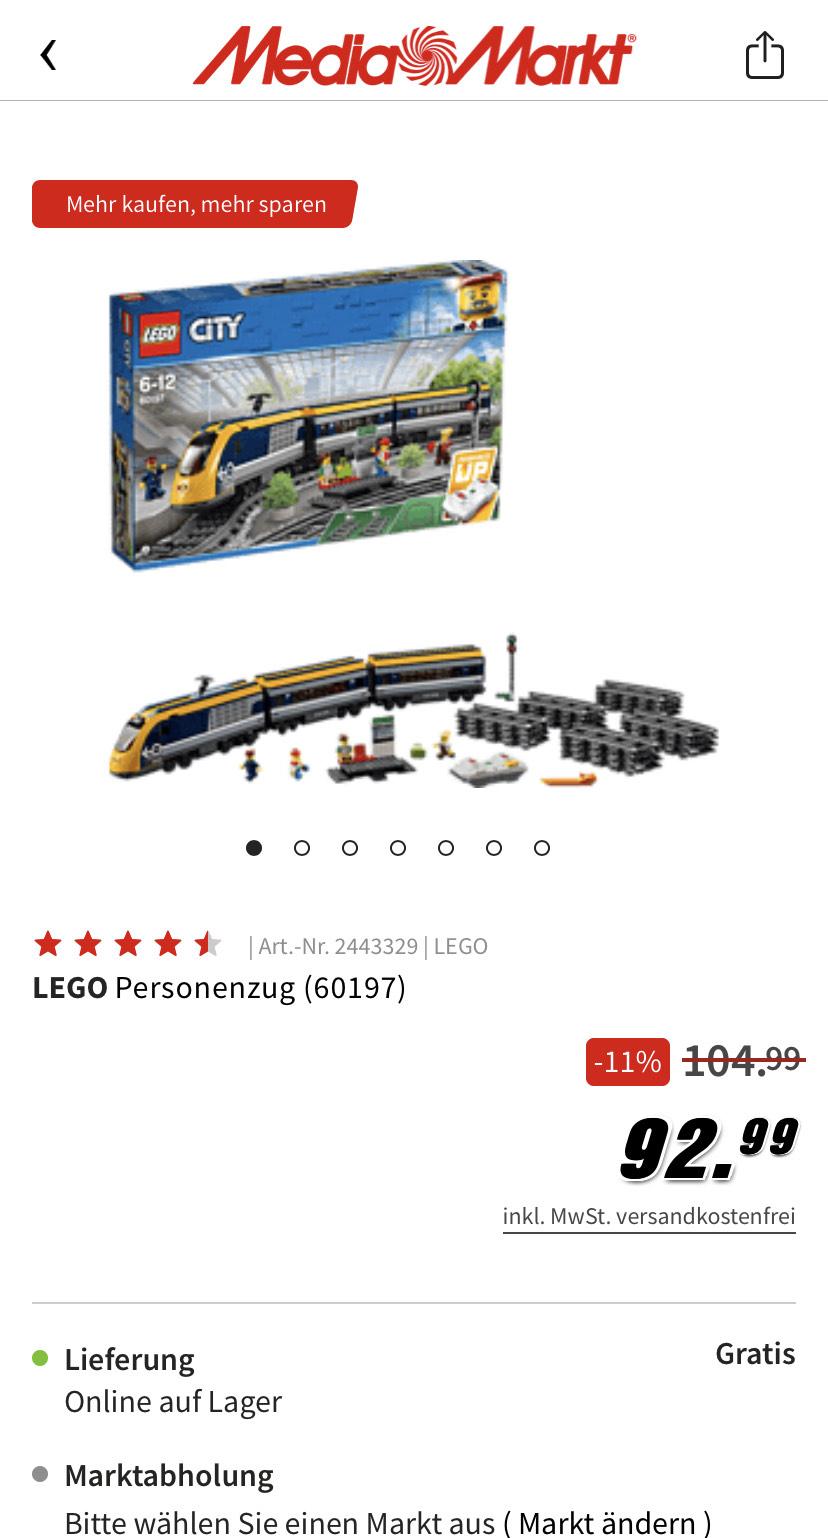 Lego 60197 Personenzug 81,99 durch Füllartikel möglich!